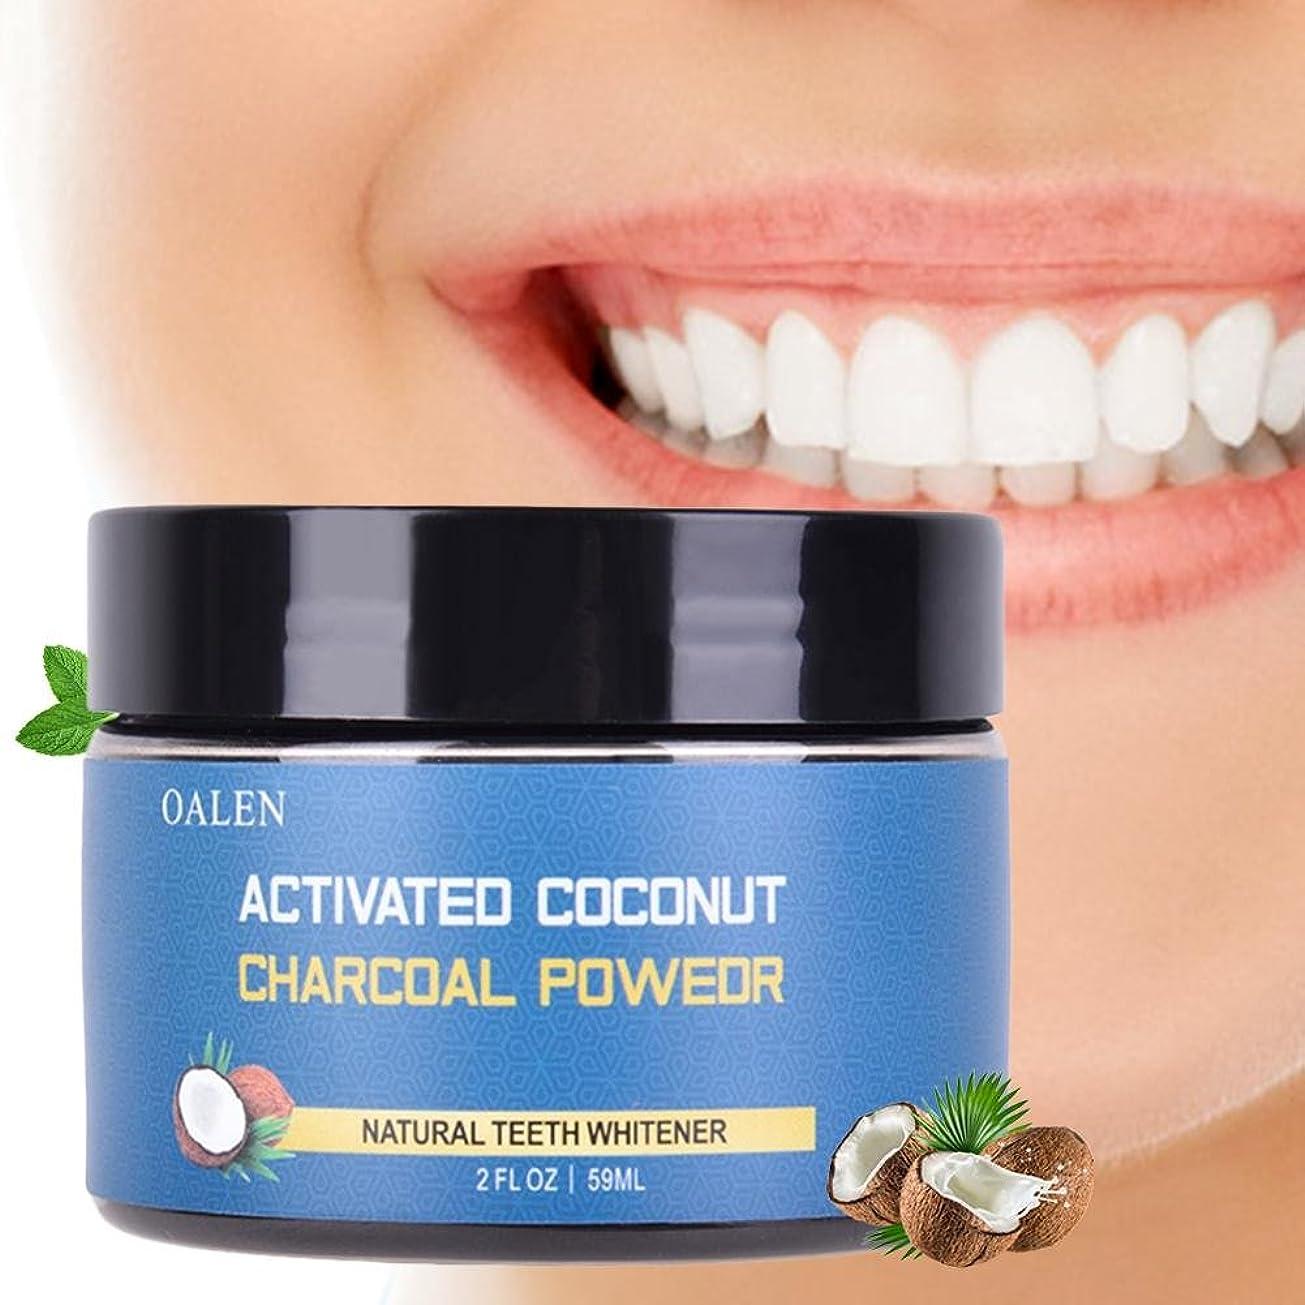 世界的にロケットアンペアSILUN 歯磨き粉 ニングパウダー有機 ココナッツ殻活性炭組成デンタルステイン除去 歯美白自然 口腔ケア